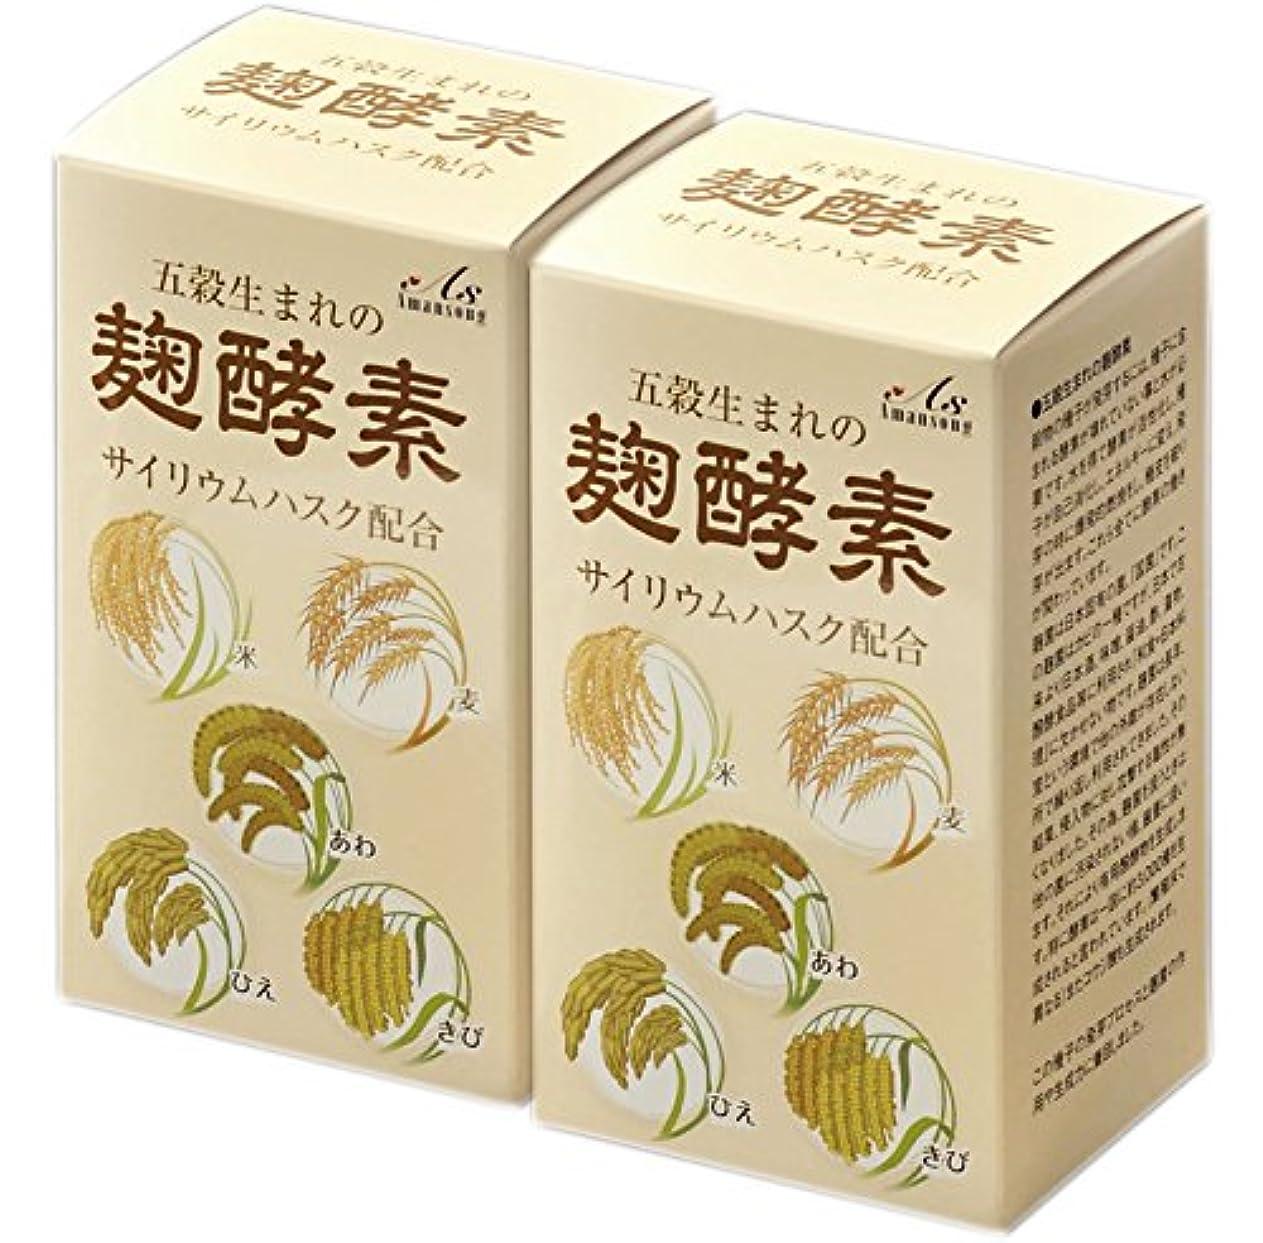 ブルゴーニュキラウエア山レトルトA?S 2箱セット五穀生まれの麹酵素 更に1箱プレゼント、更に「活きてる酵素だし」1袋プレゼント